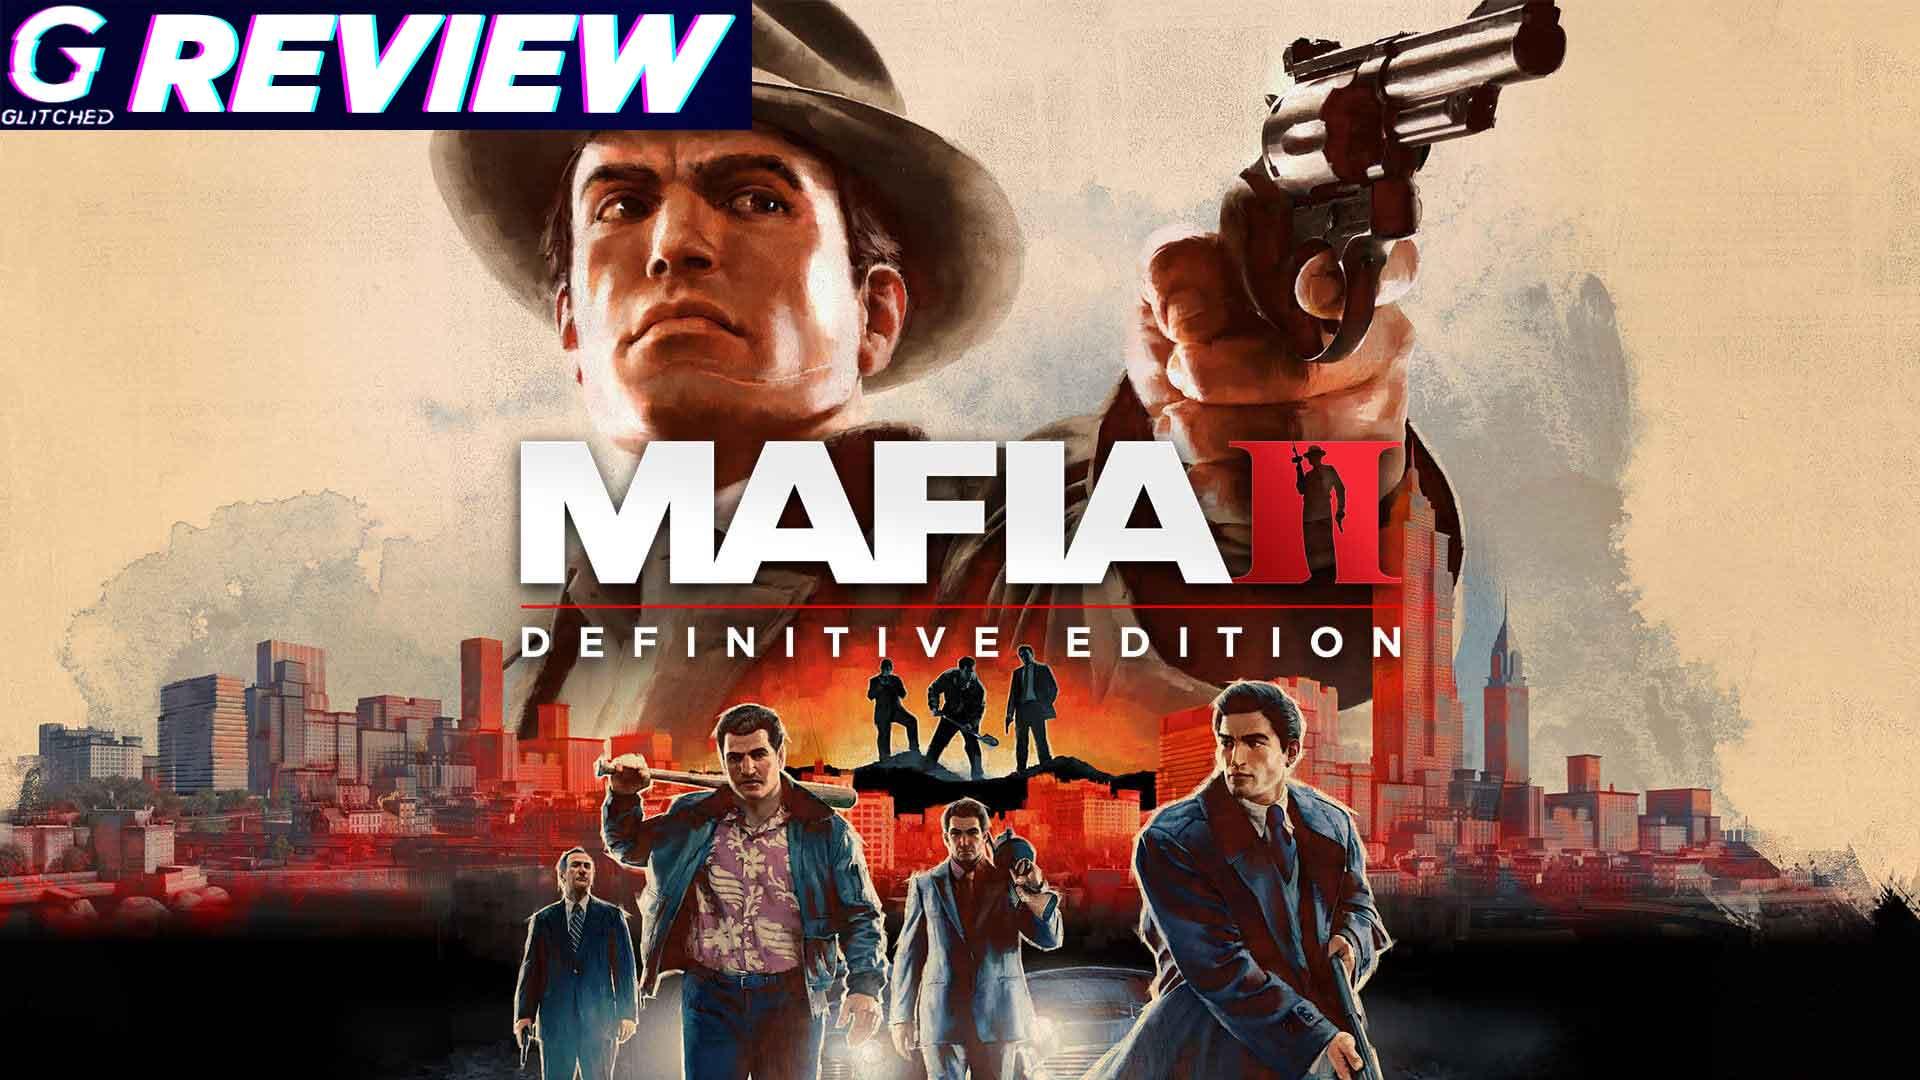 Mafia II: Definitive Edition Review